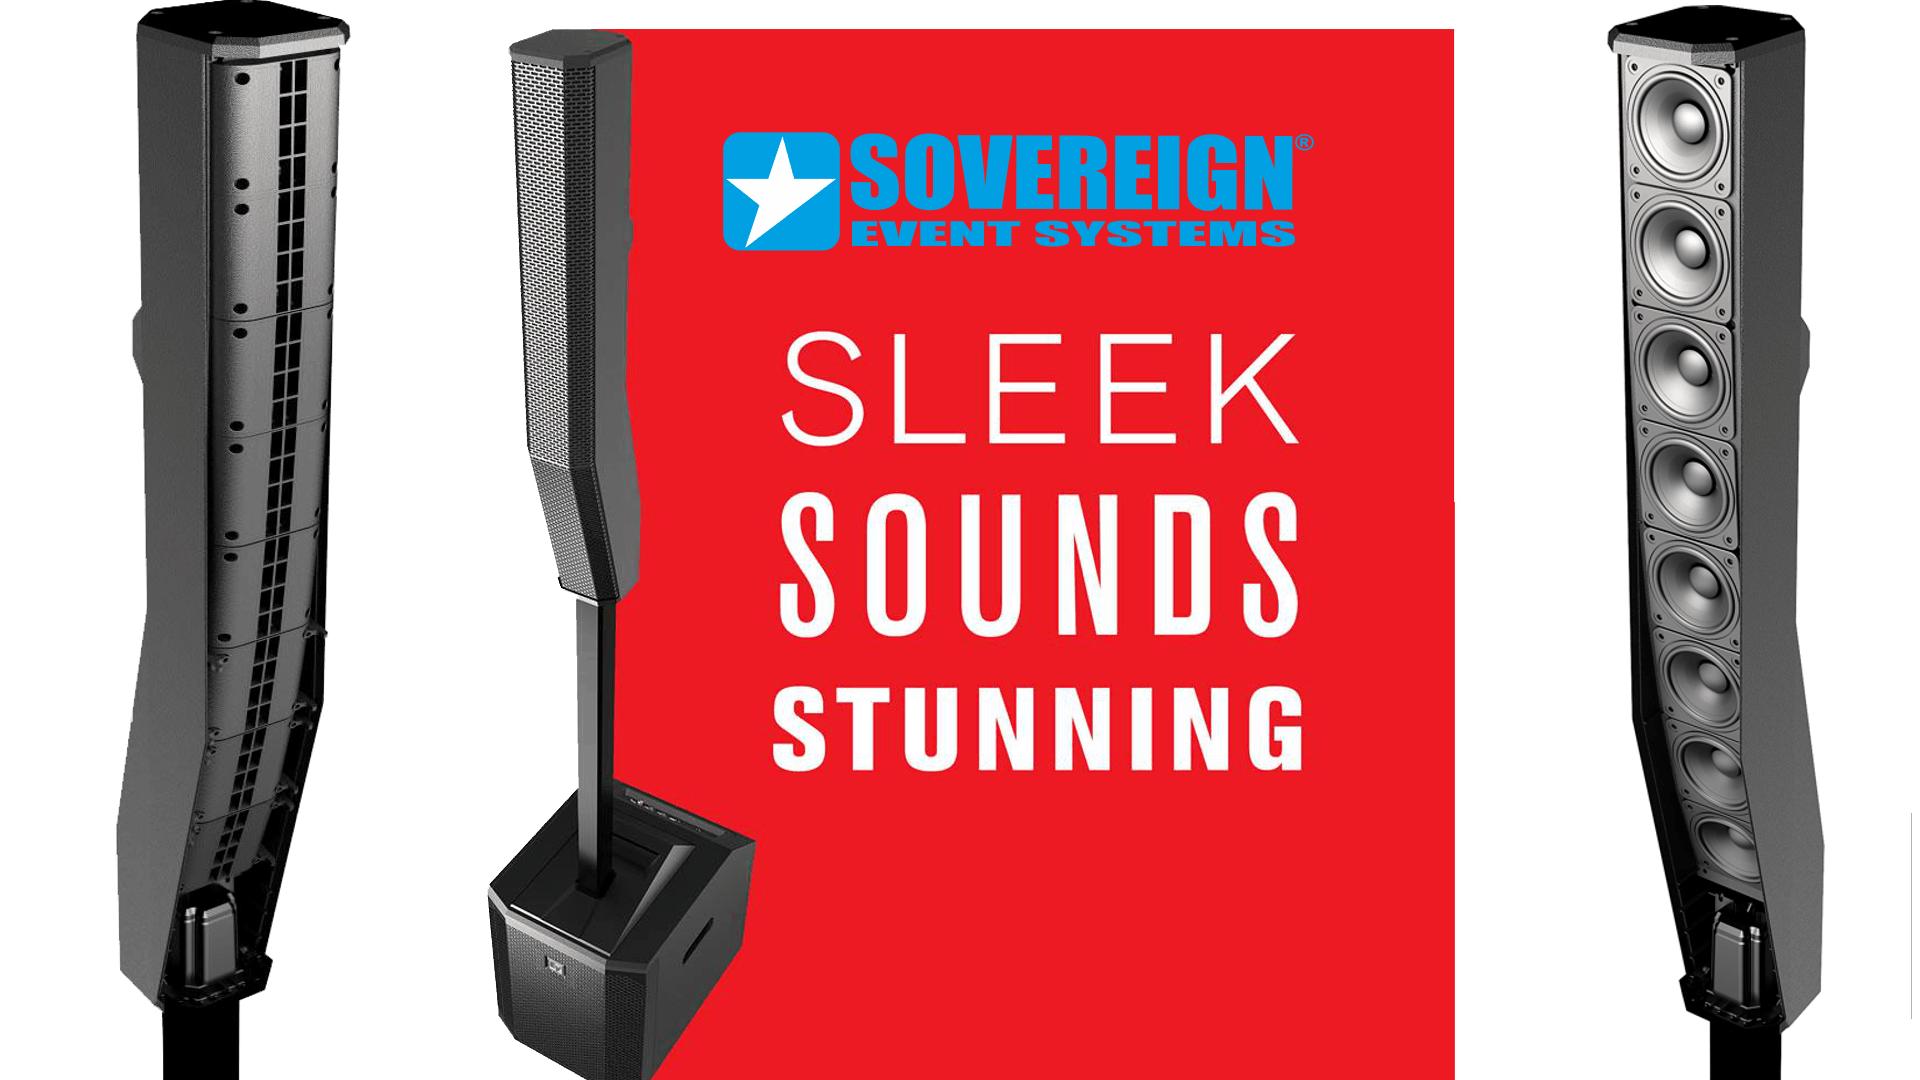 Ηχητικό σύστημα Electro-Voice Evolve50